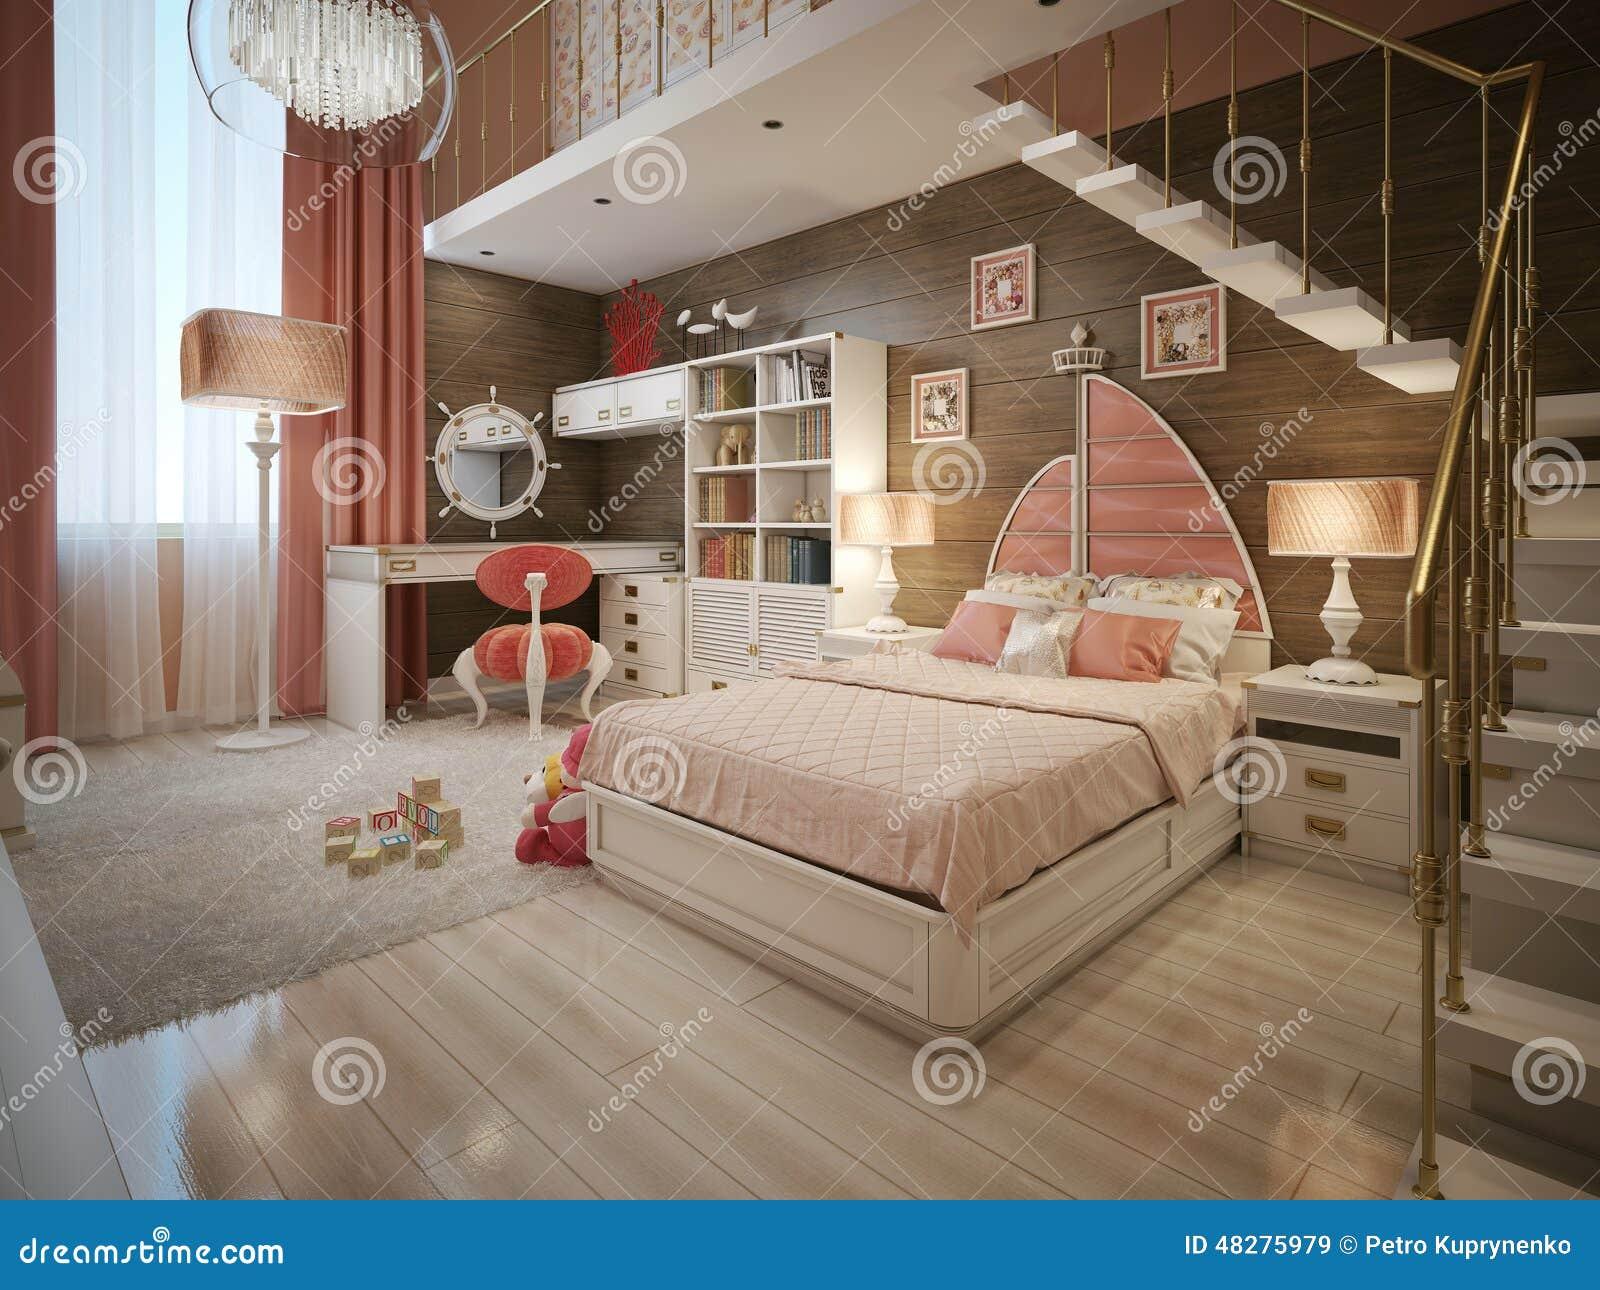 camera da letto delle ragazze nello stile neoclassico ... - Interni Ragazze Camera Design